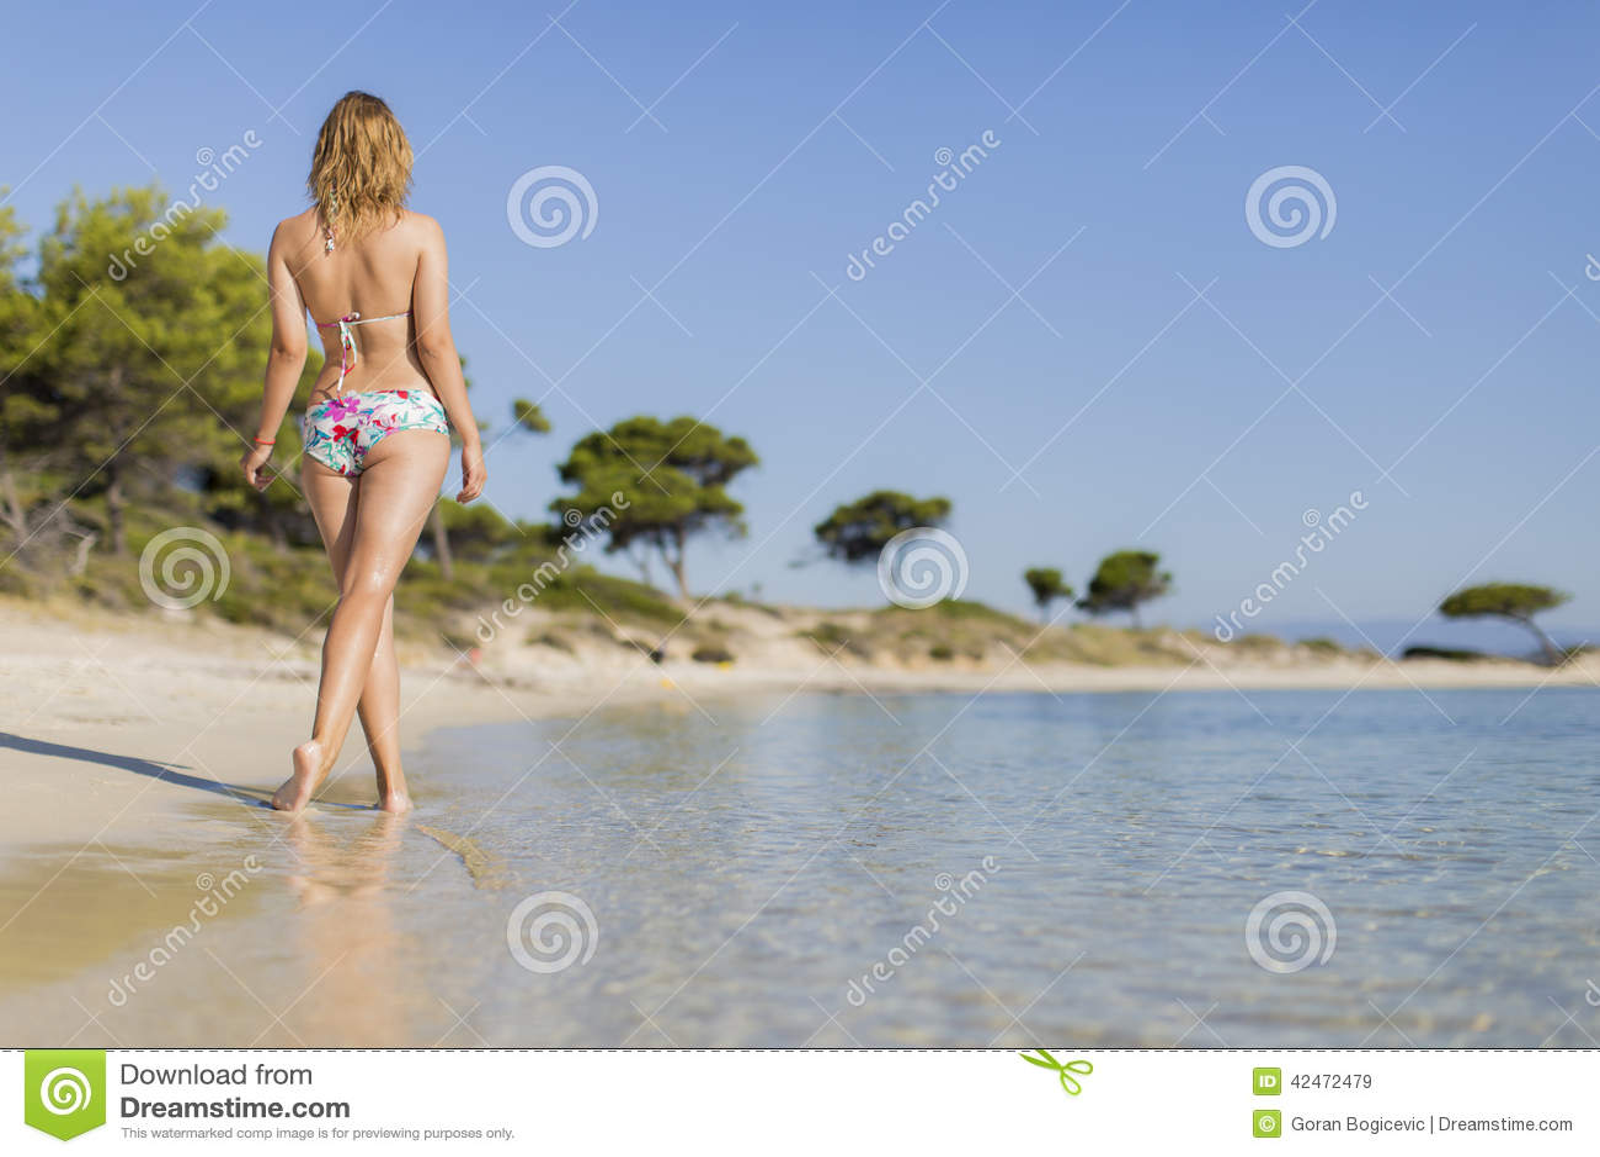 Junge Frau auf dem Strand